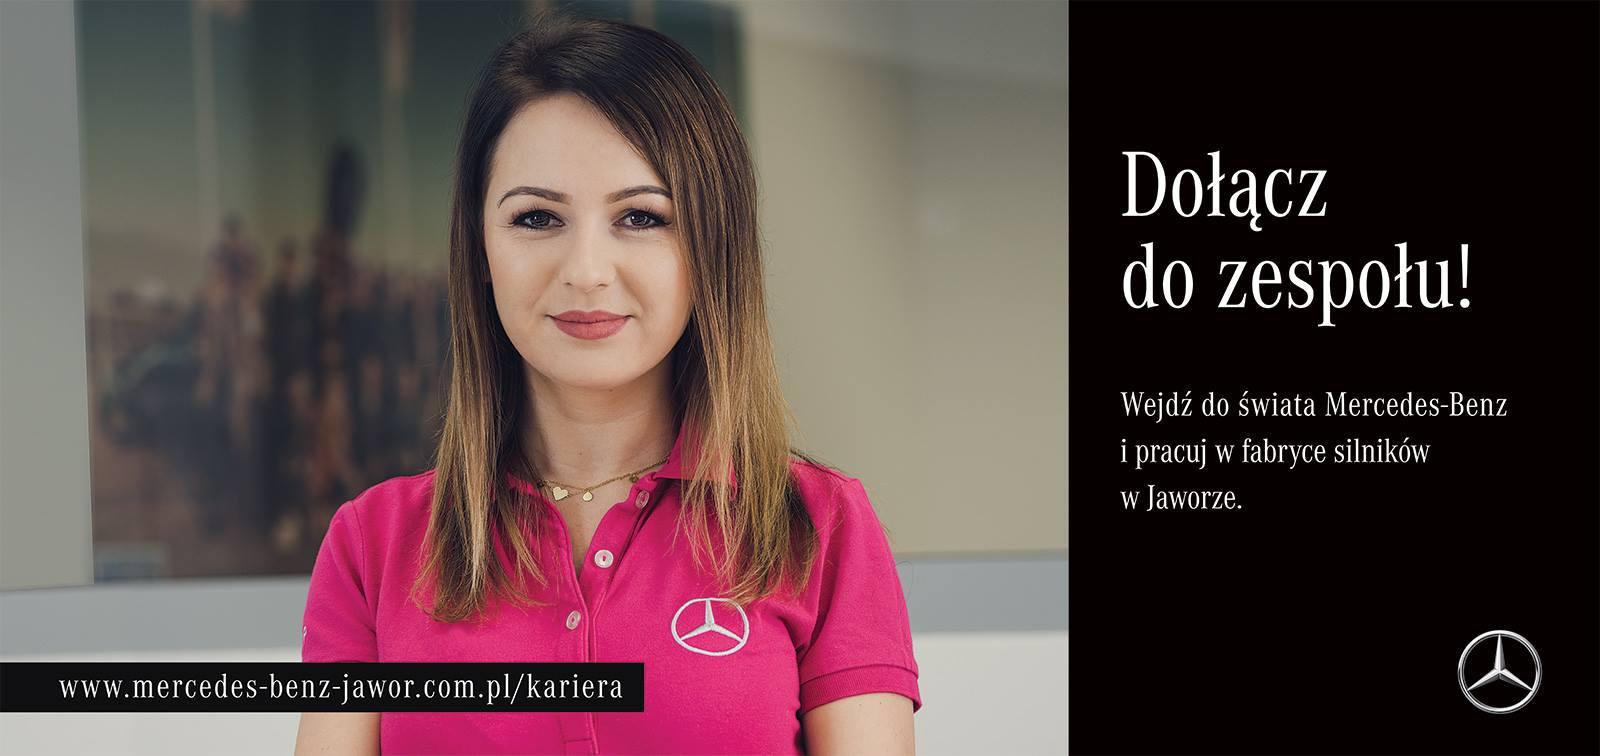 Baner promujący rekrutację Mercedesa do fabryki w Jaworze. (fot. Mercedes Polska/materiały praoswe/media.daimler.pl)